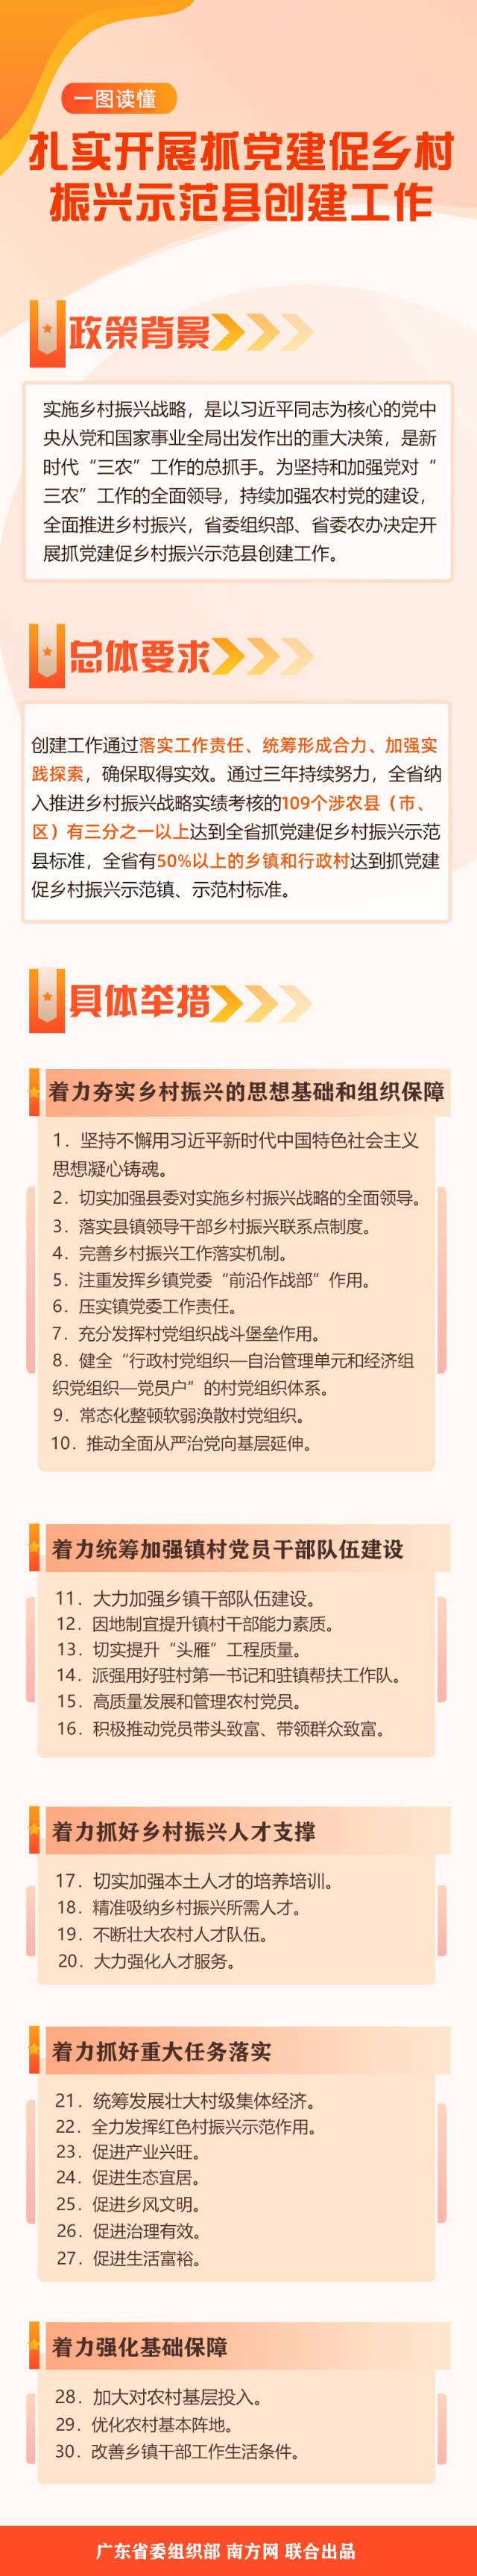 主图  南方+ 王聪 制图